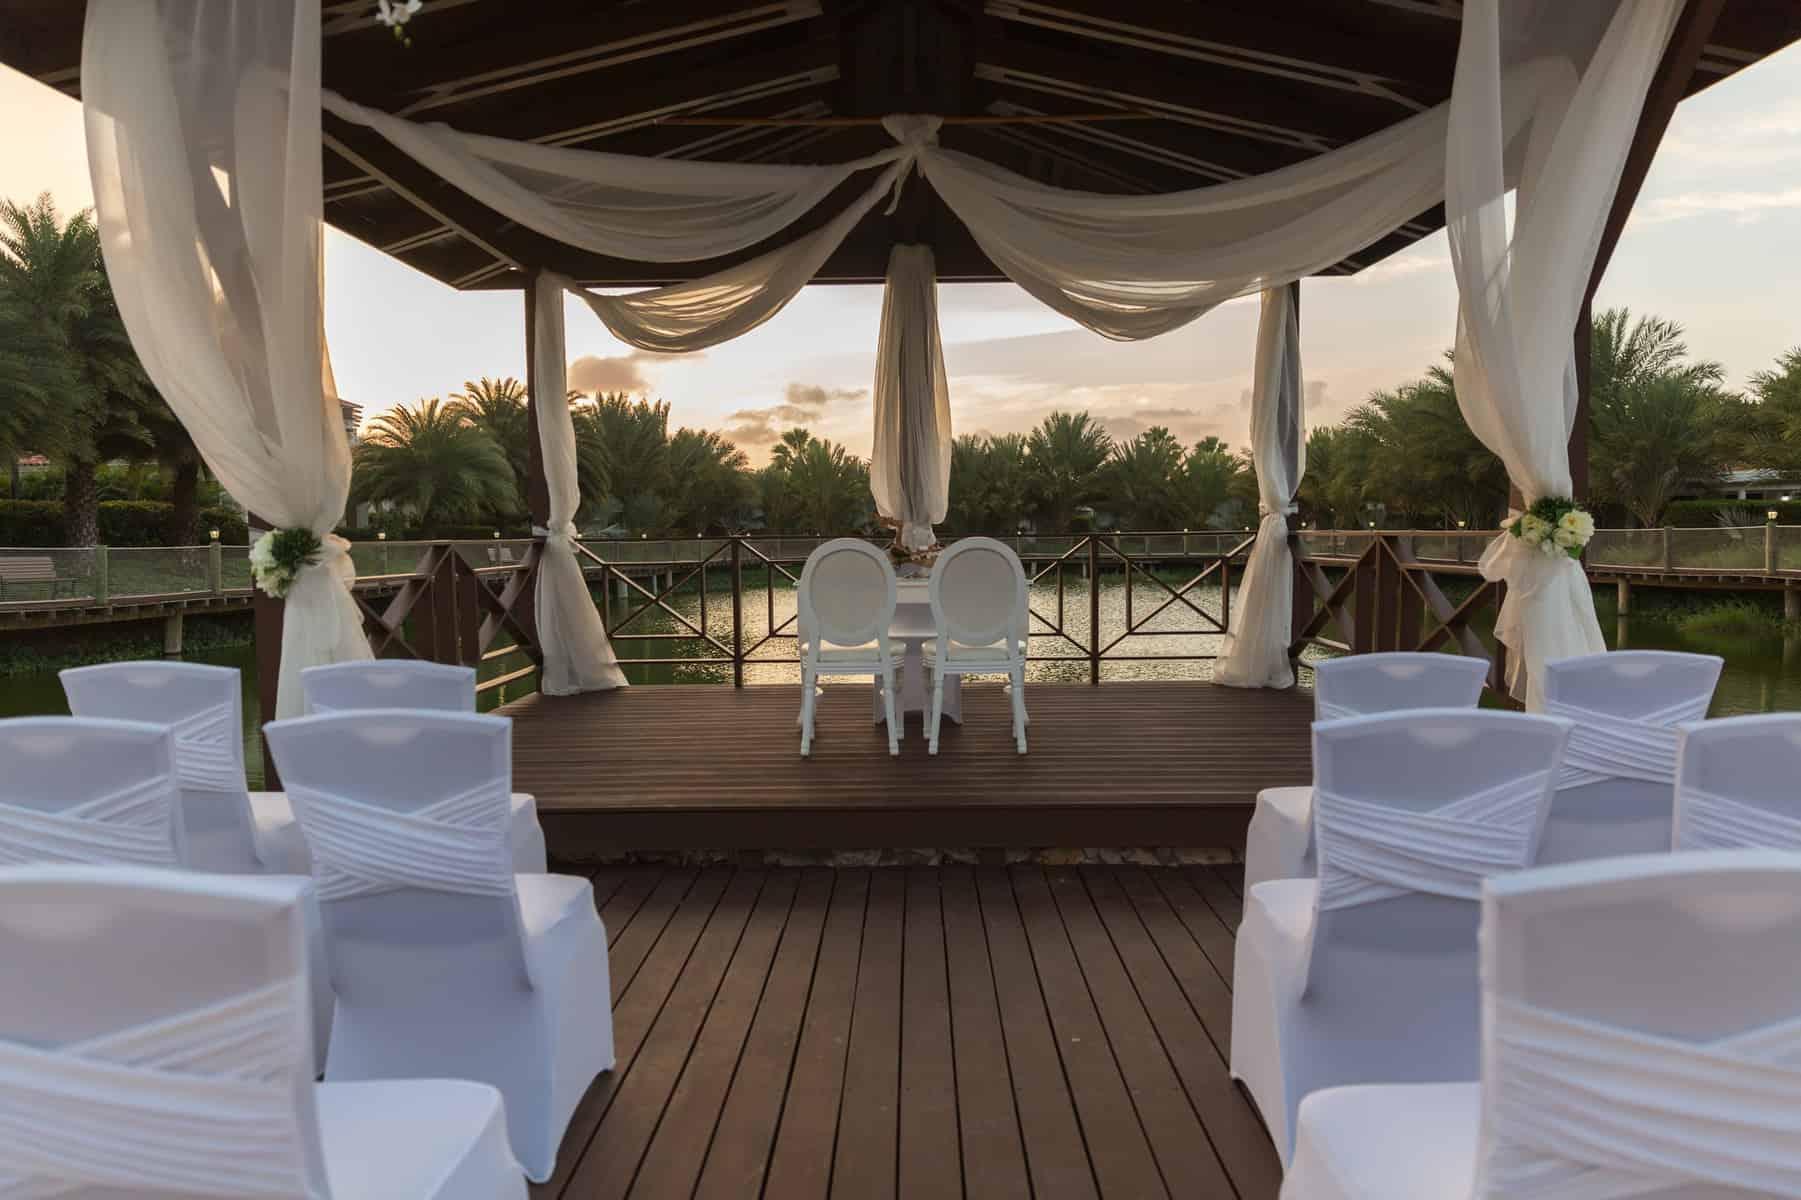 Wedding setup at sunset Acoya Curacao